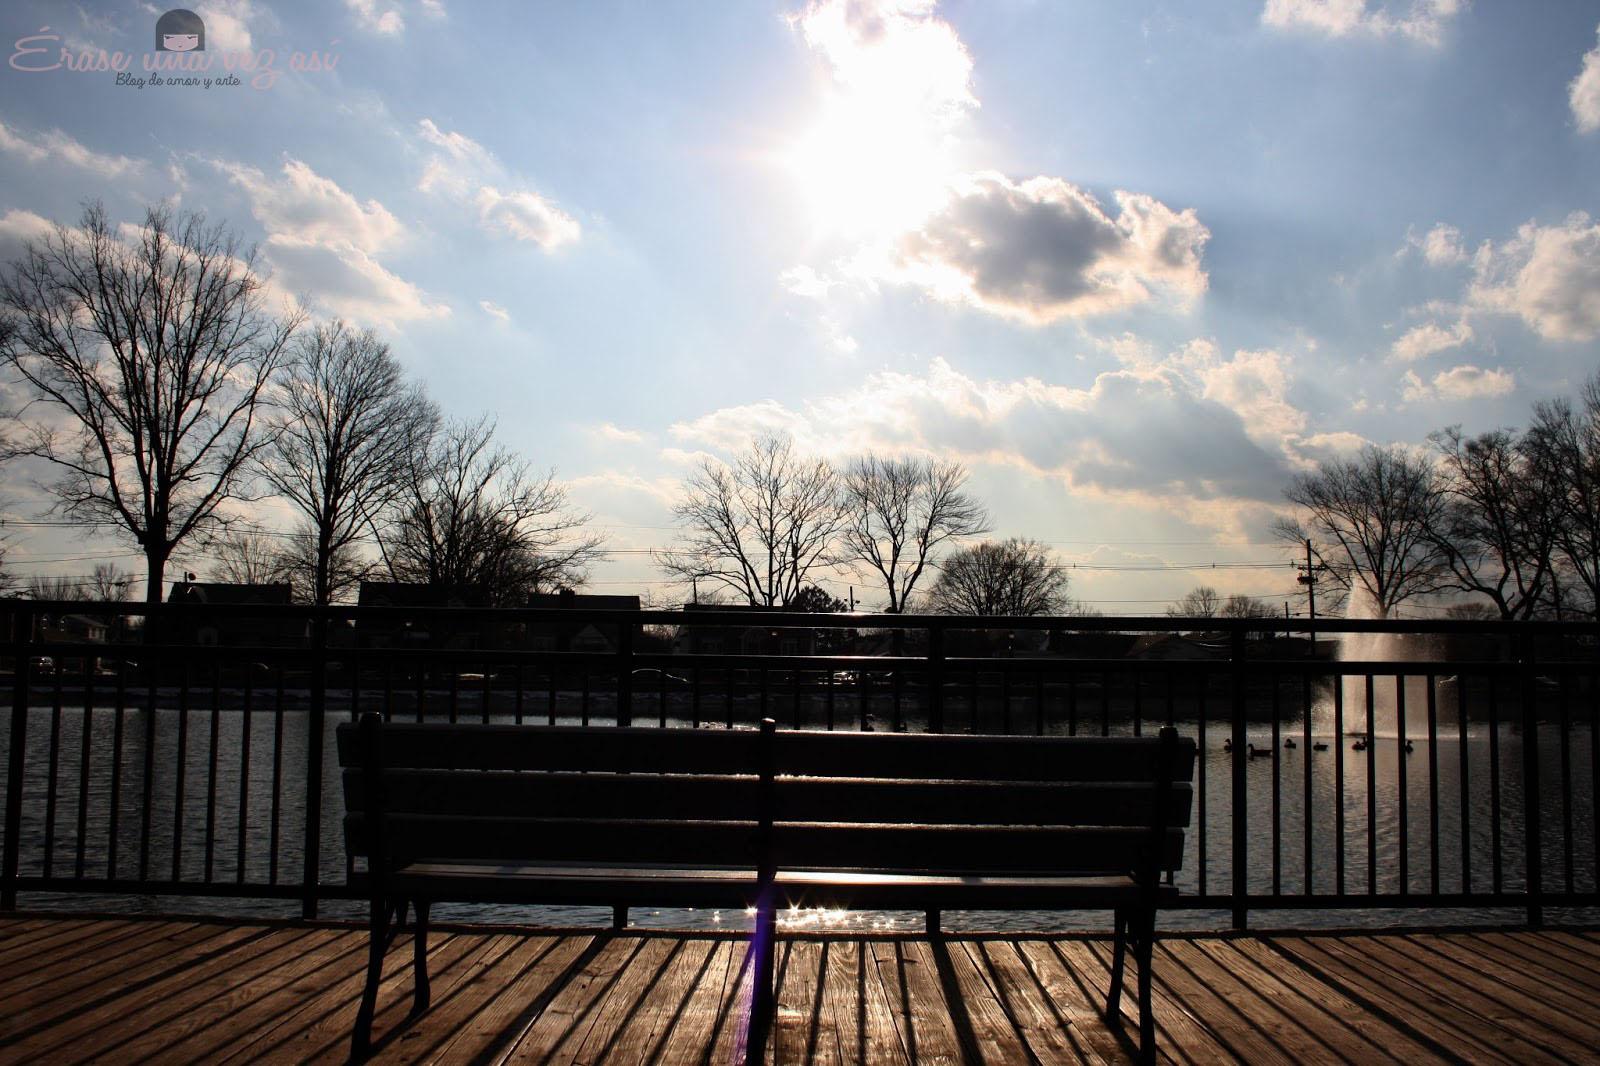 parque carteret, new jersey, carteret, soledad, soledad, frases de soledad, West Carteret, NJ, United States.